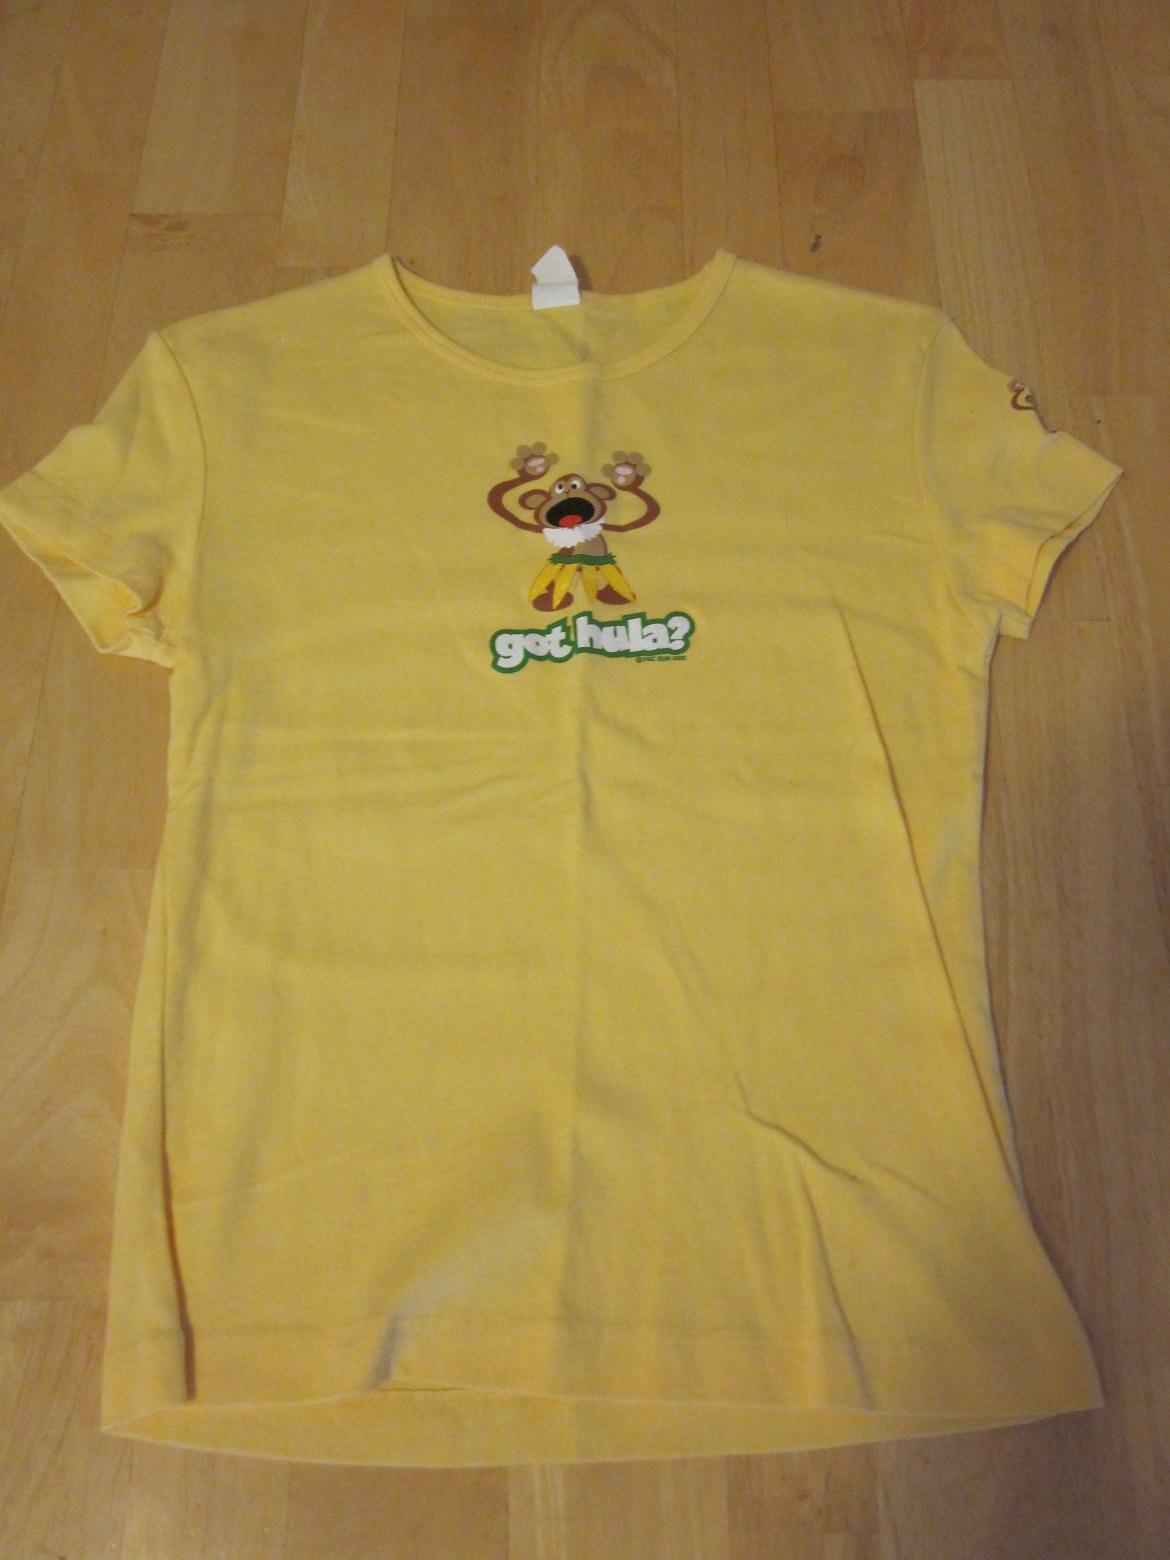 Got Hula Monkey T-Shirt - Large